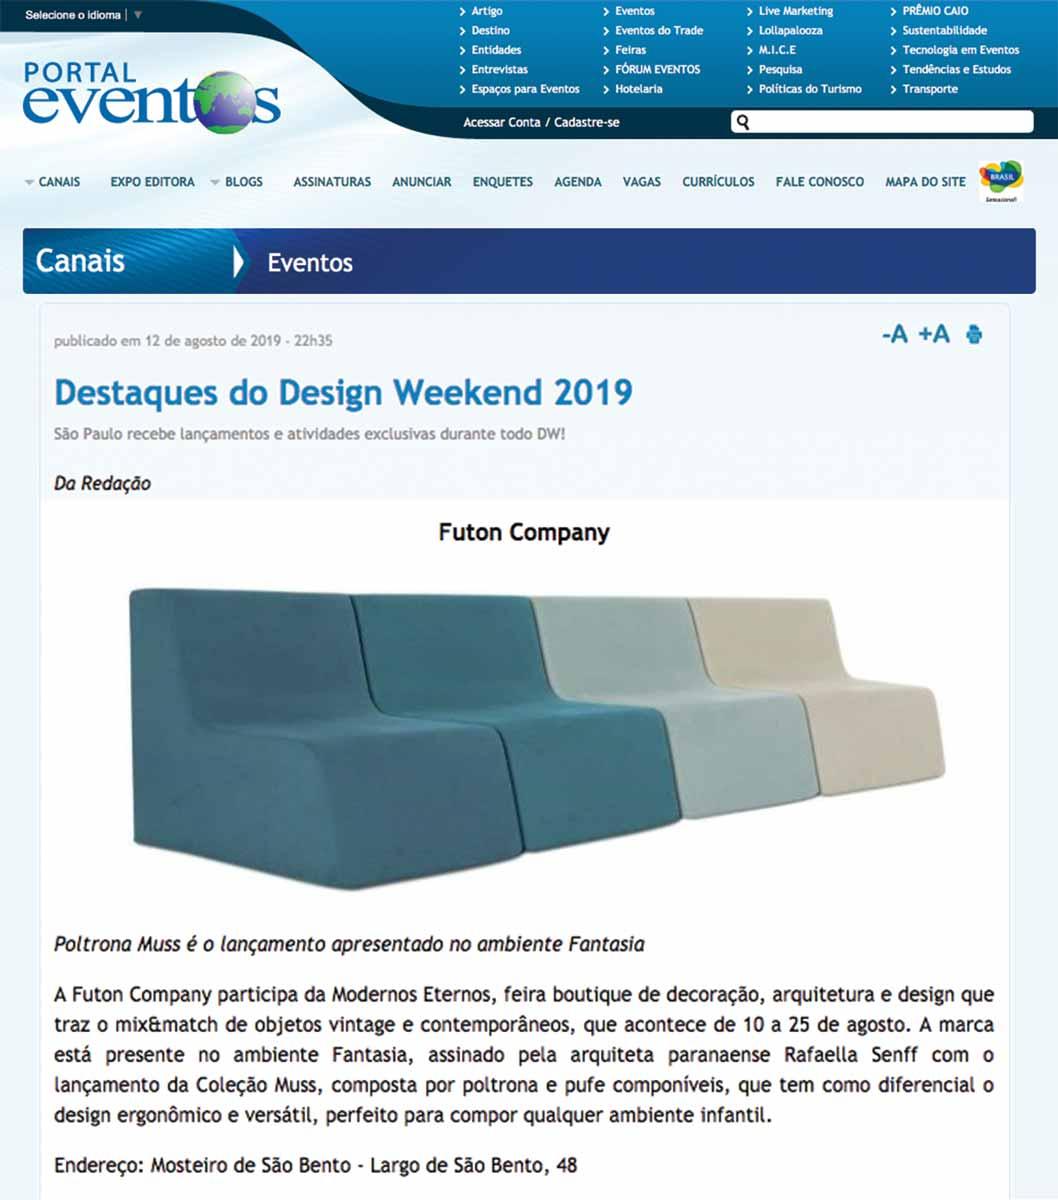 Clipping PortalEventos ModernosEternos ago 2019